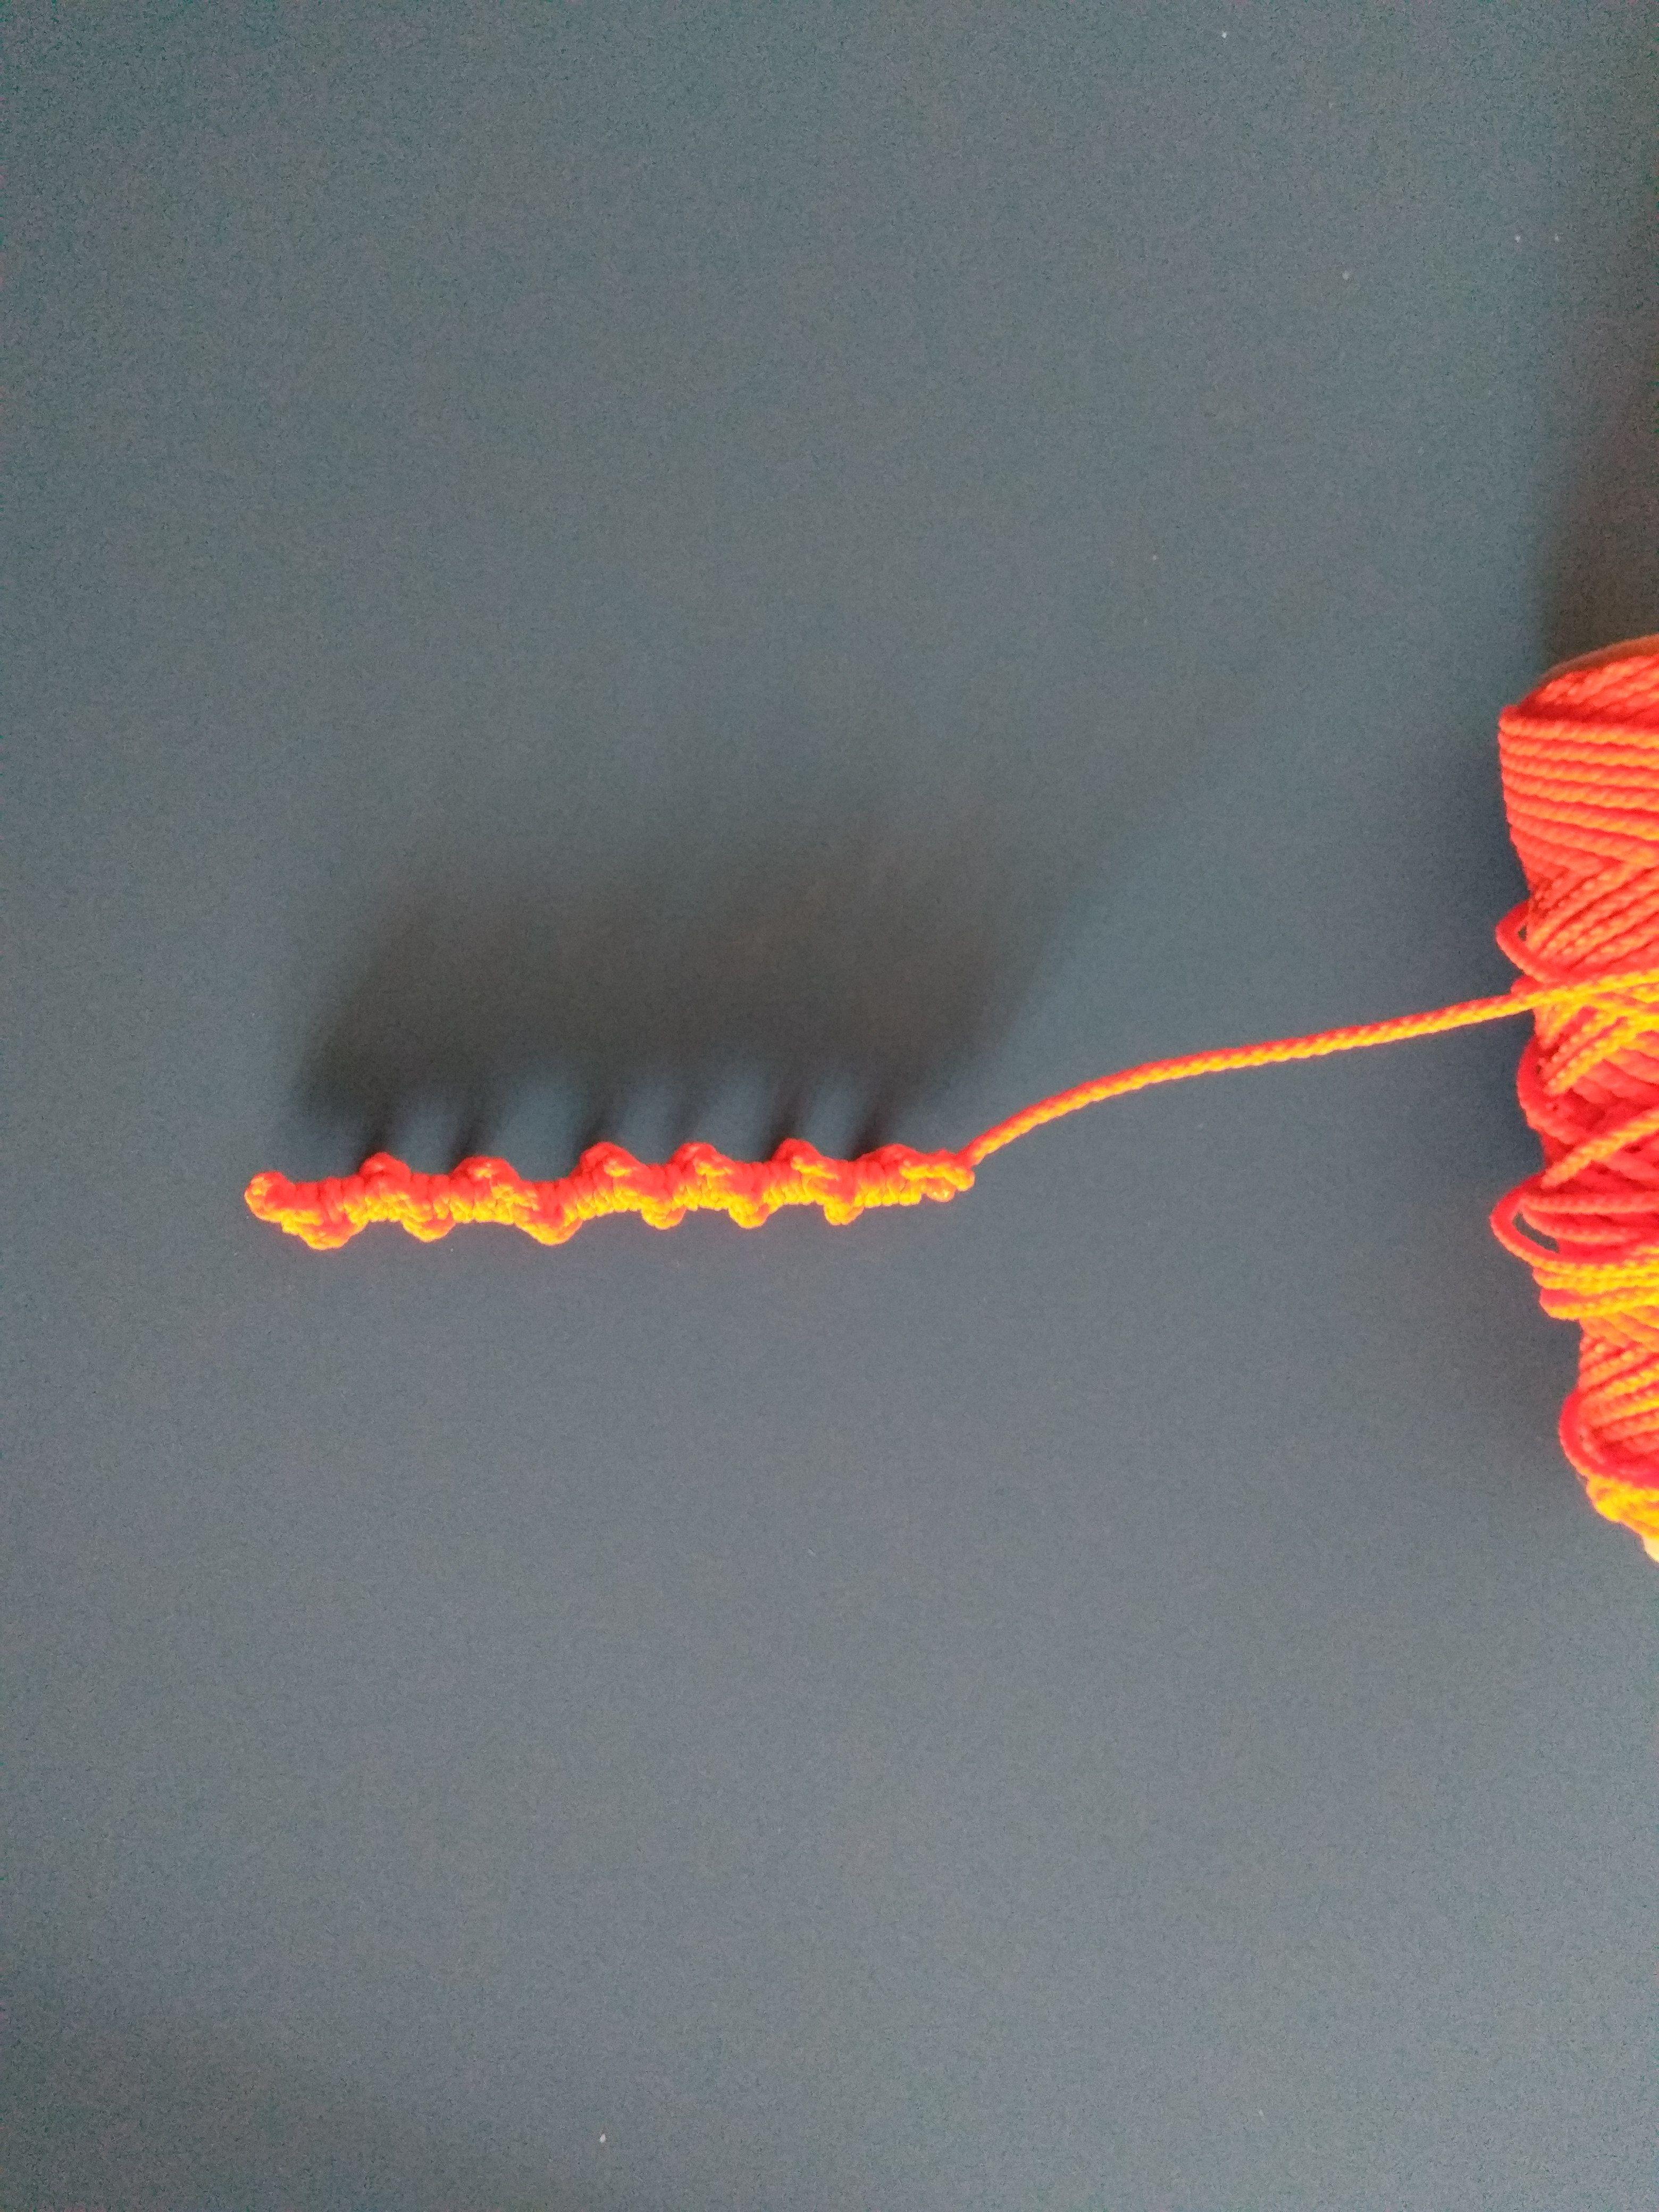 Nudo decorativo para final de cuerda